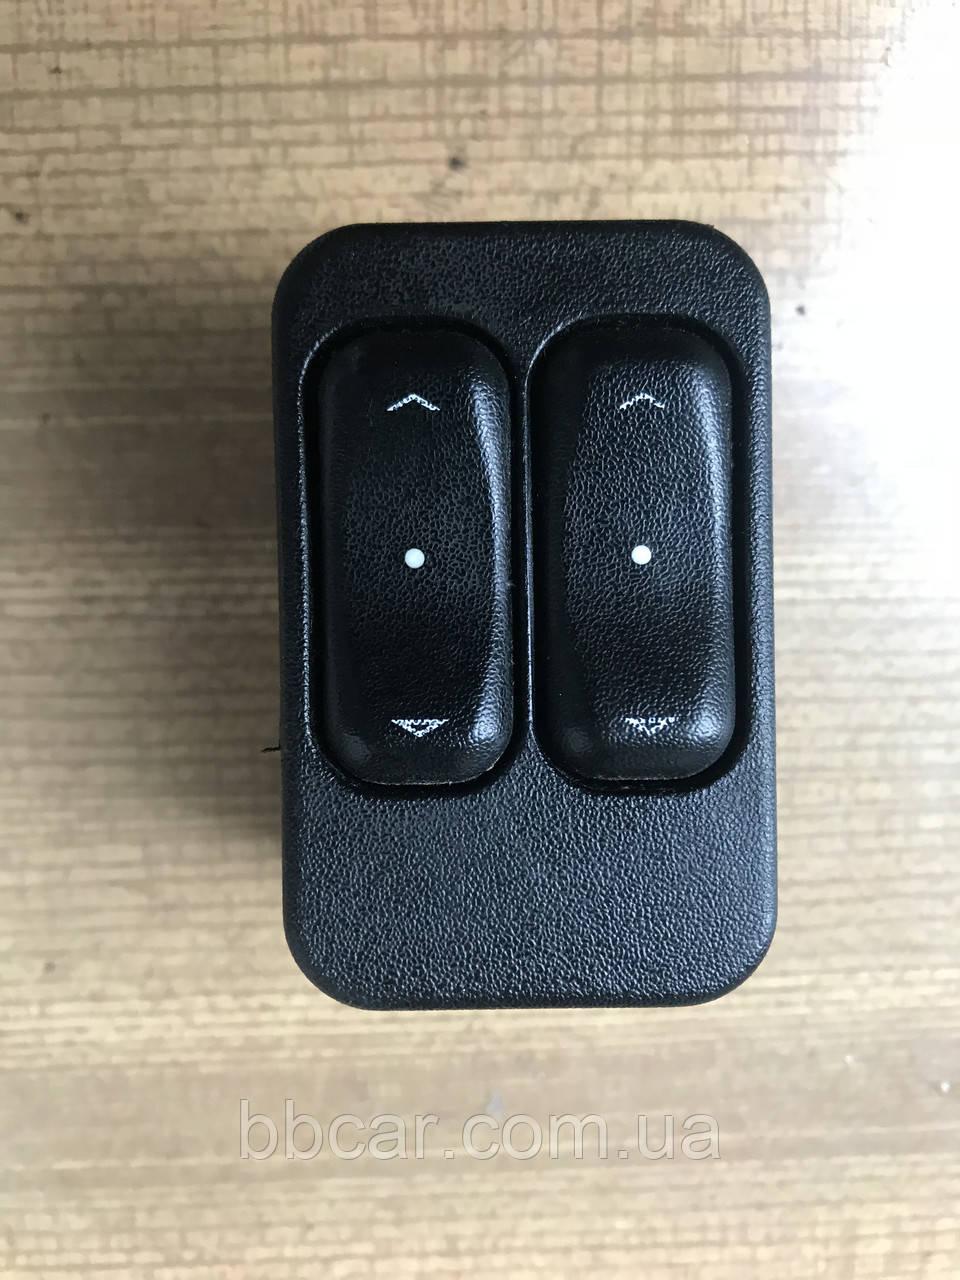 Кнопка стеклоподъемника Opel Astra G   GM 90561088